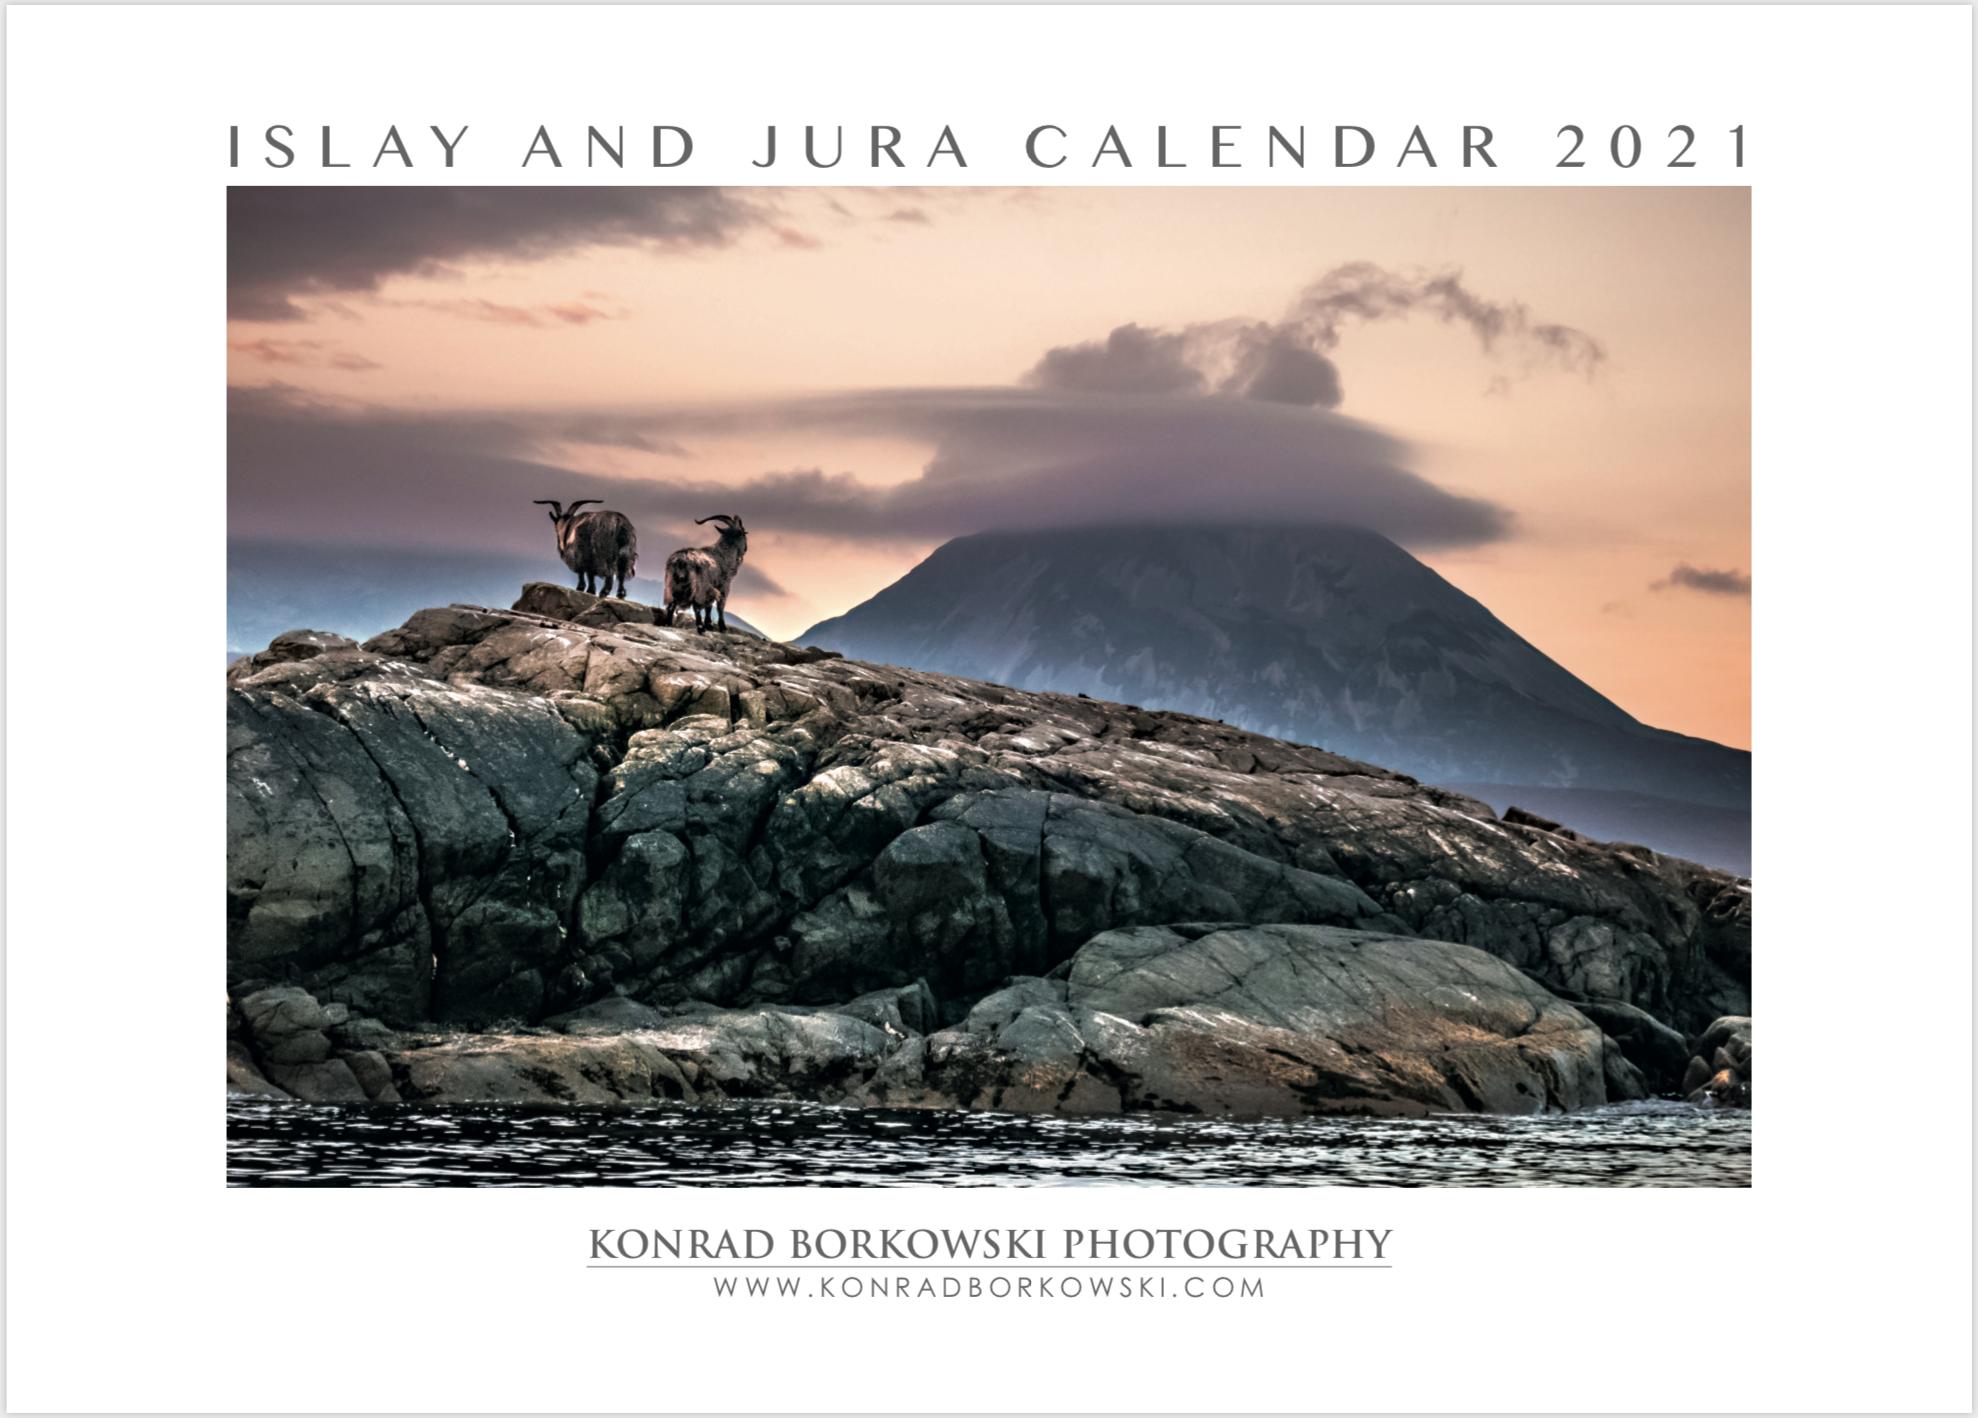 Yahoo Calendar 2021 LIMITED EDITION ISLAY AND JURA 2021 CALENDAR AVAILABLE FOR